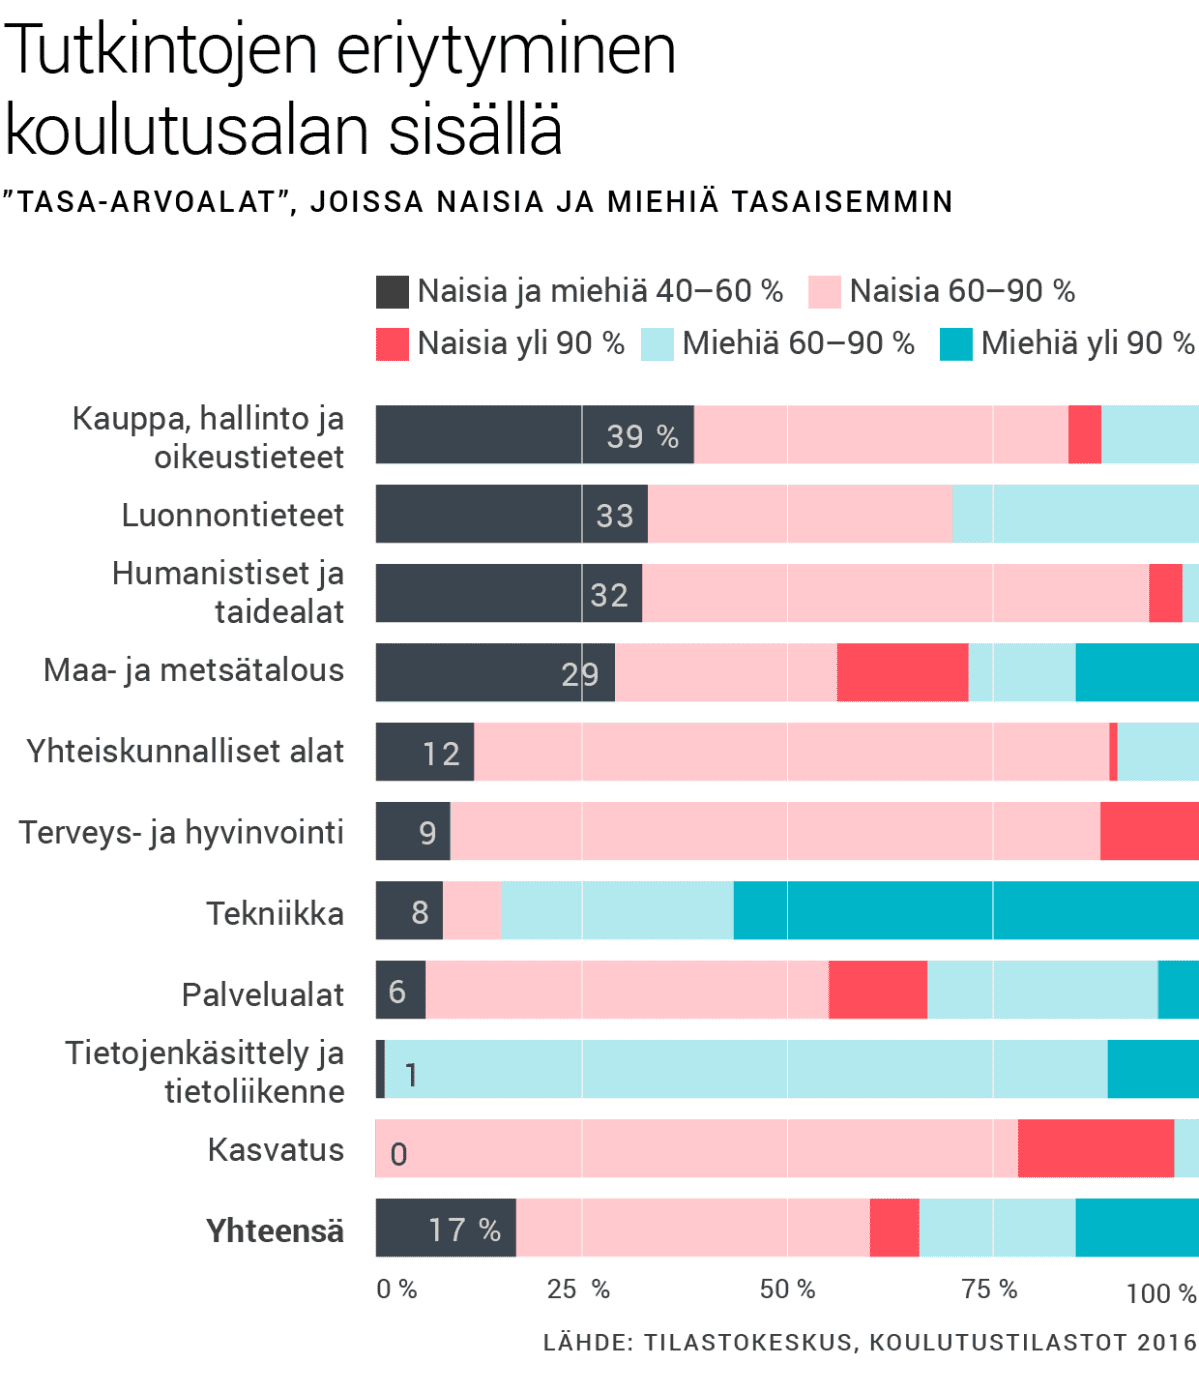 Tutkintojen eriytyminen koulutusalan sisällä. Tasa-arvoalat, joissa naisia ja miehiä tasaisemmin.